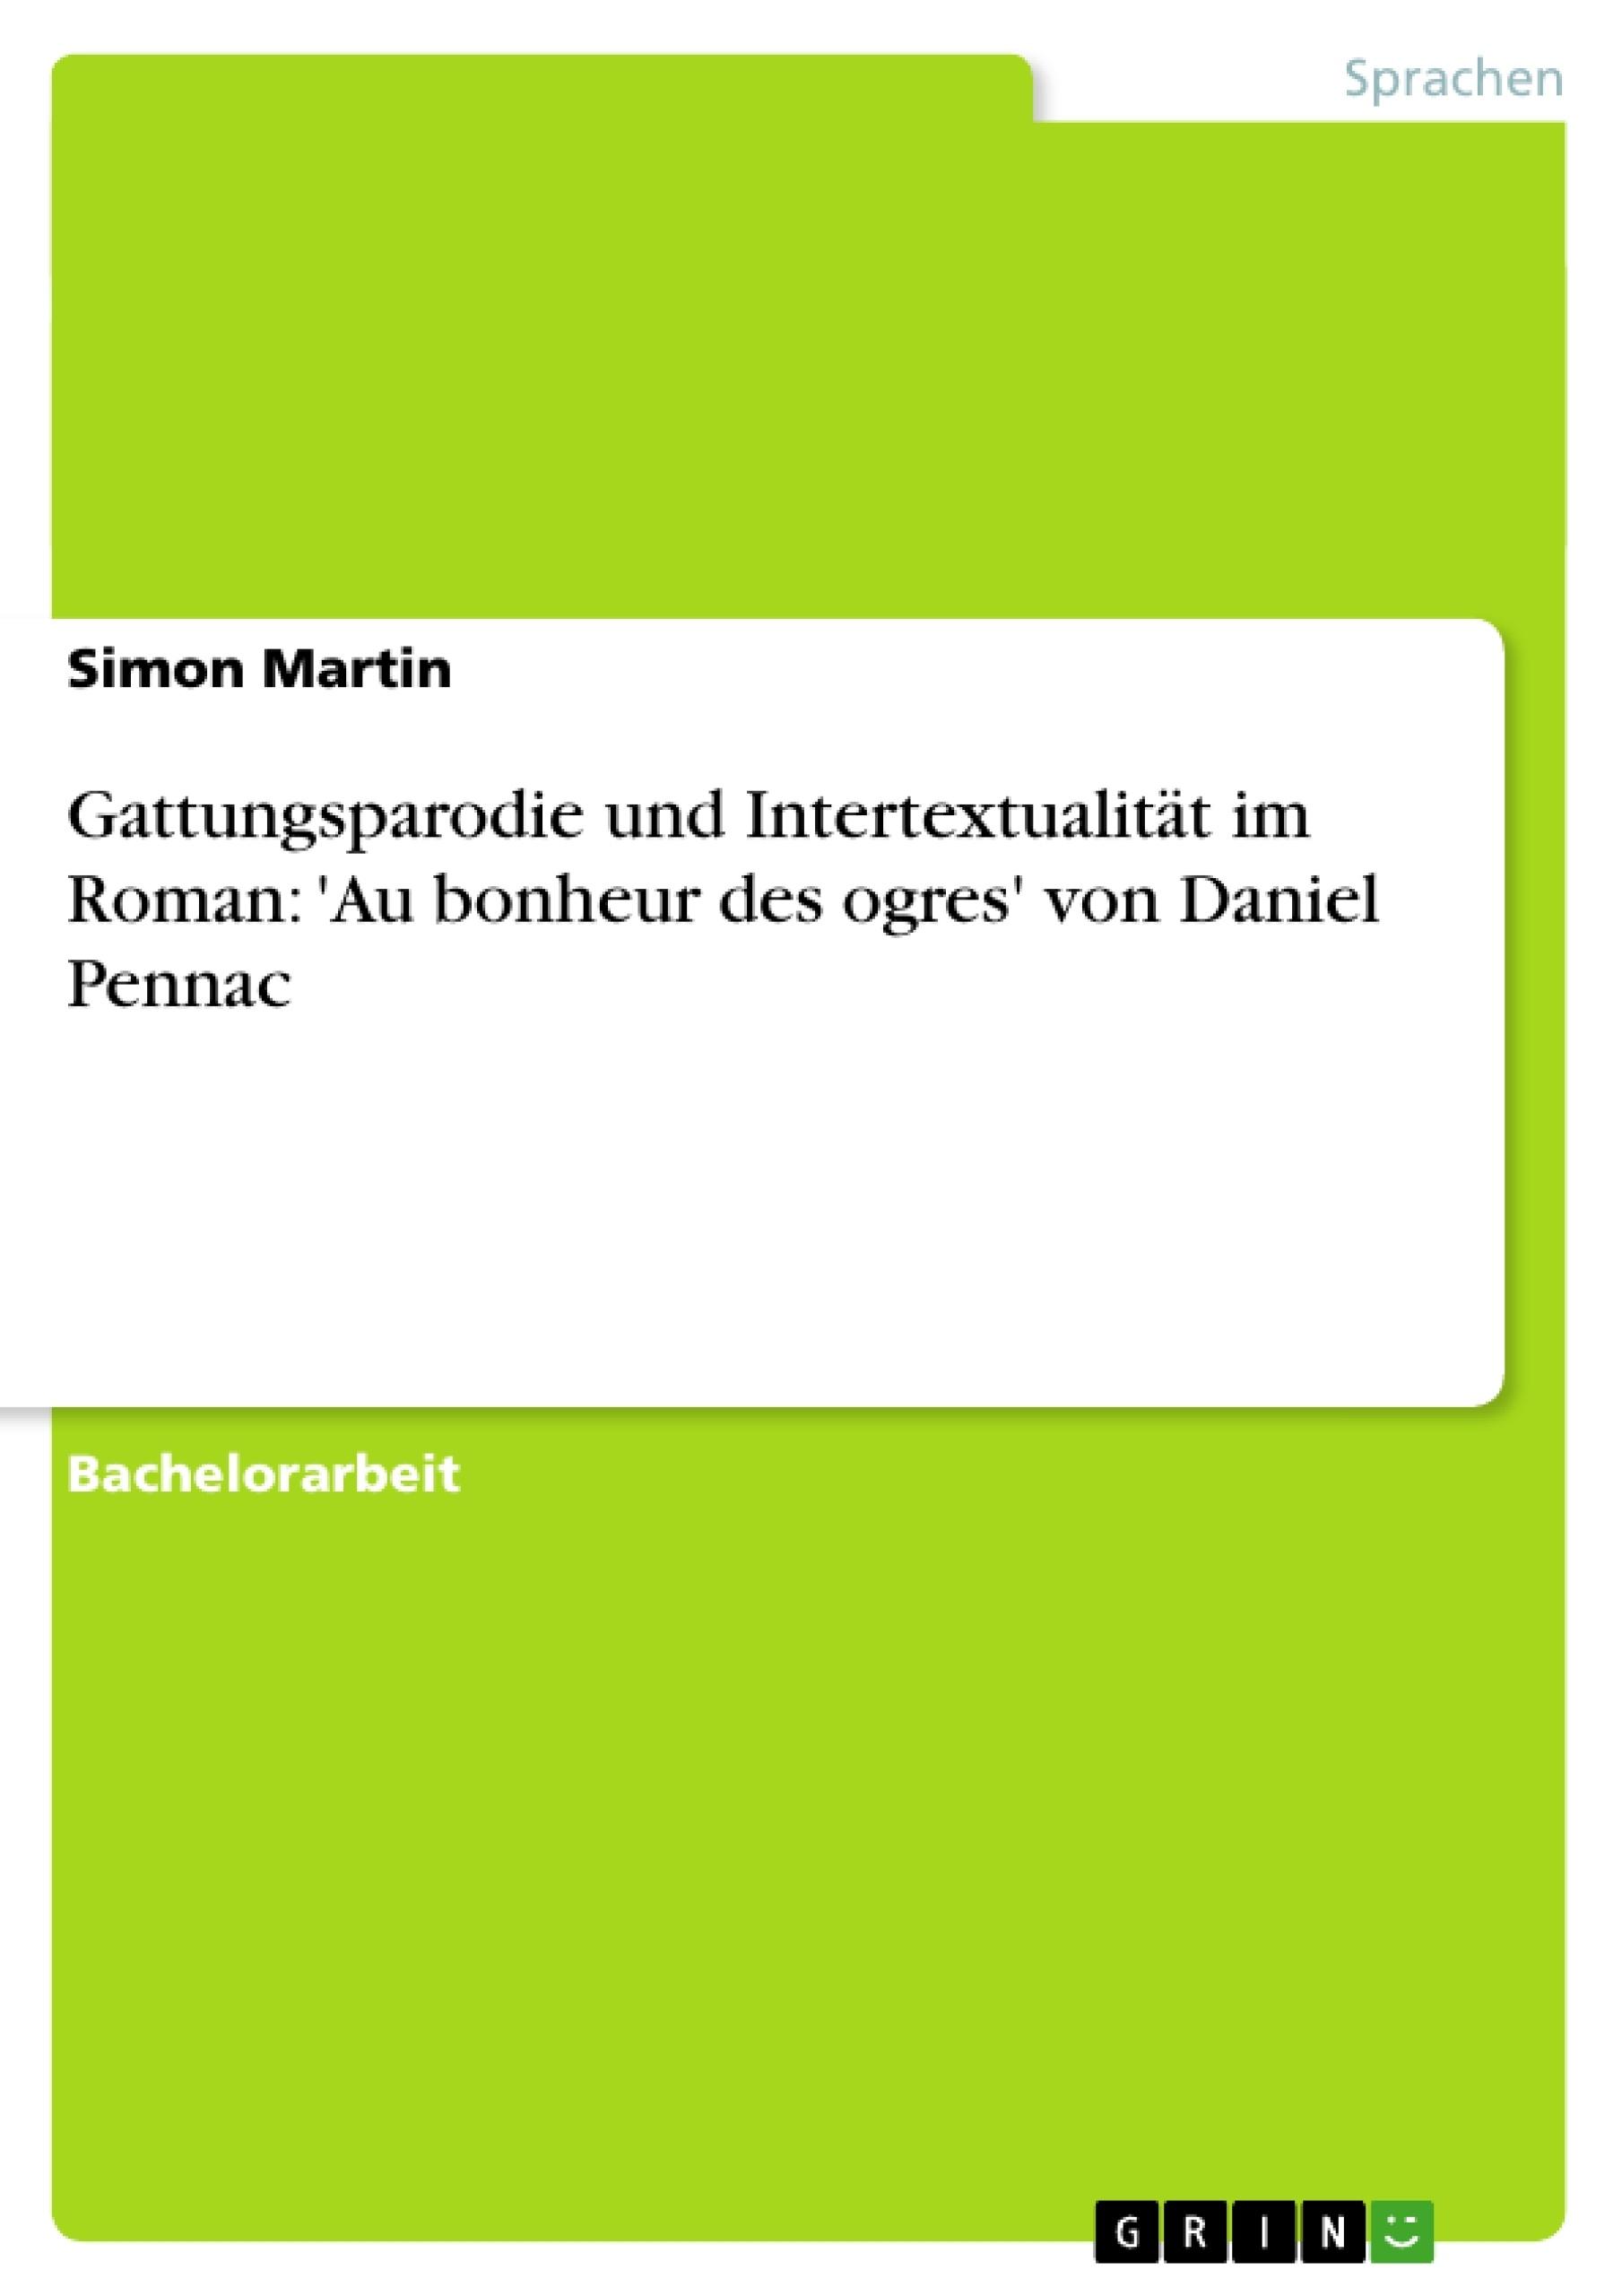 Titel: Gattungsparodie und Intertextualität im Roman: 'Au bonheur des ogres' von Daniel Pennac